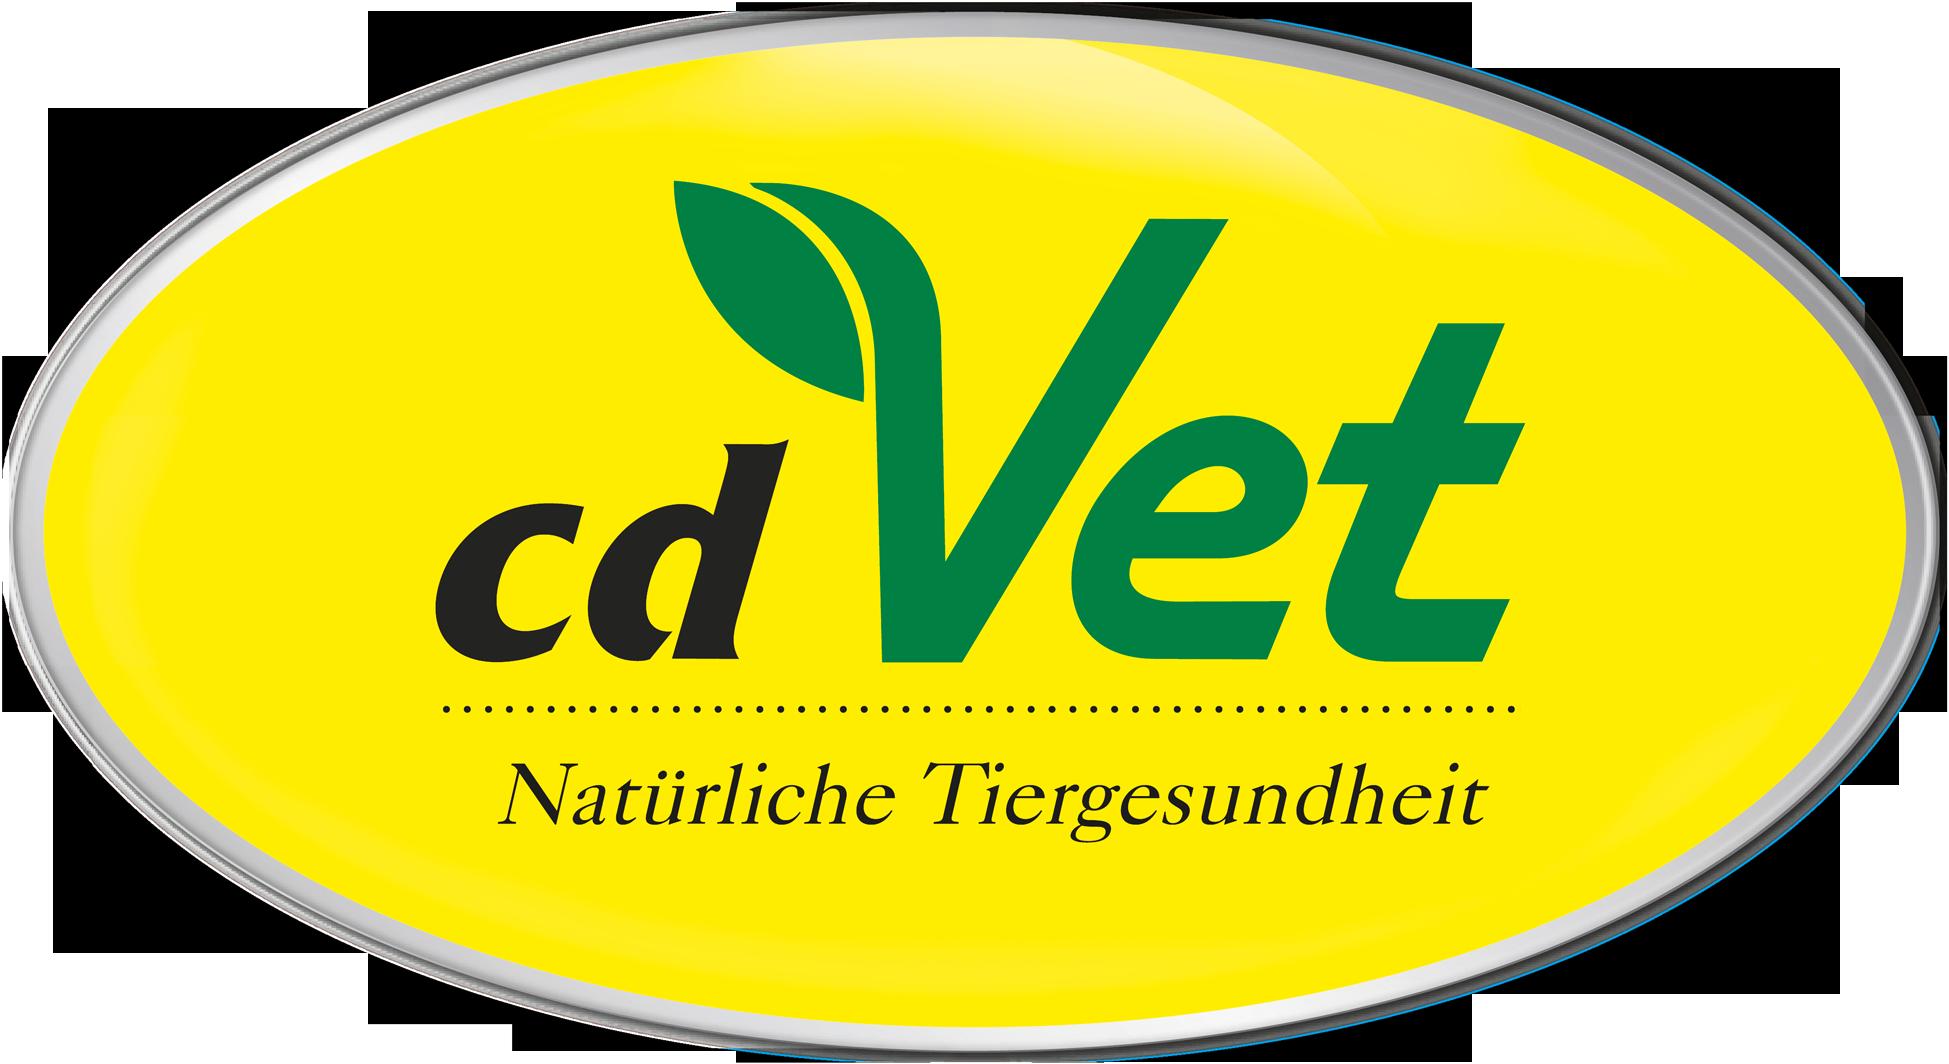 cdVet Natürliche Tiergesundheit